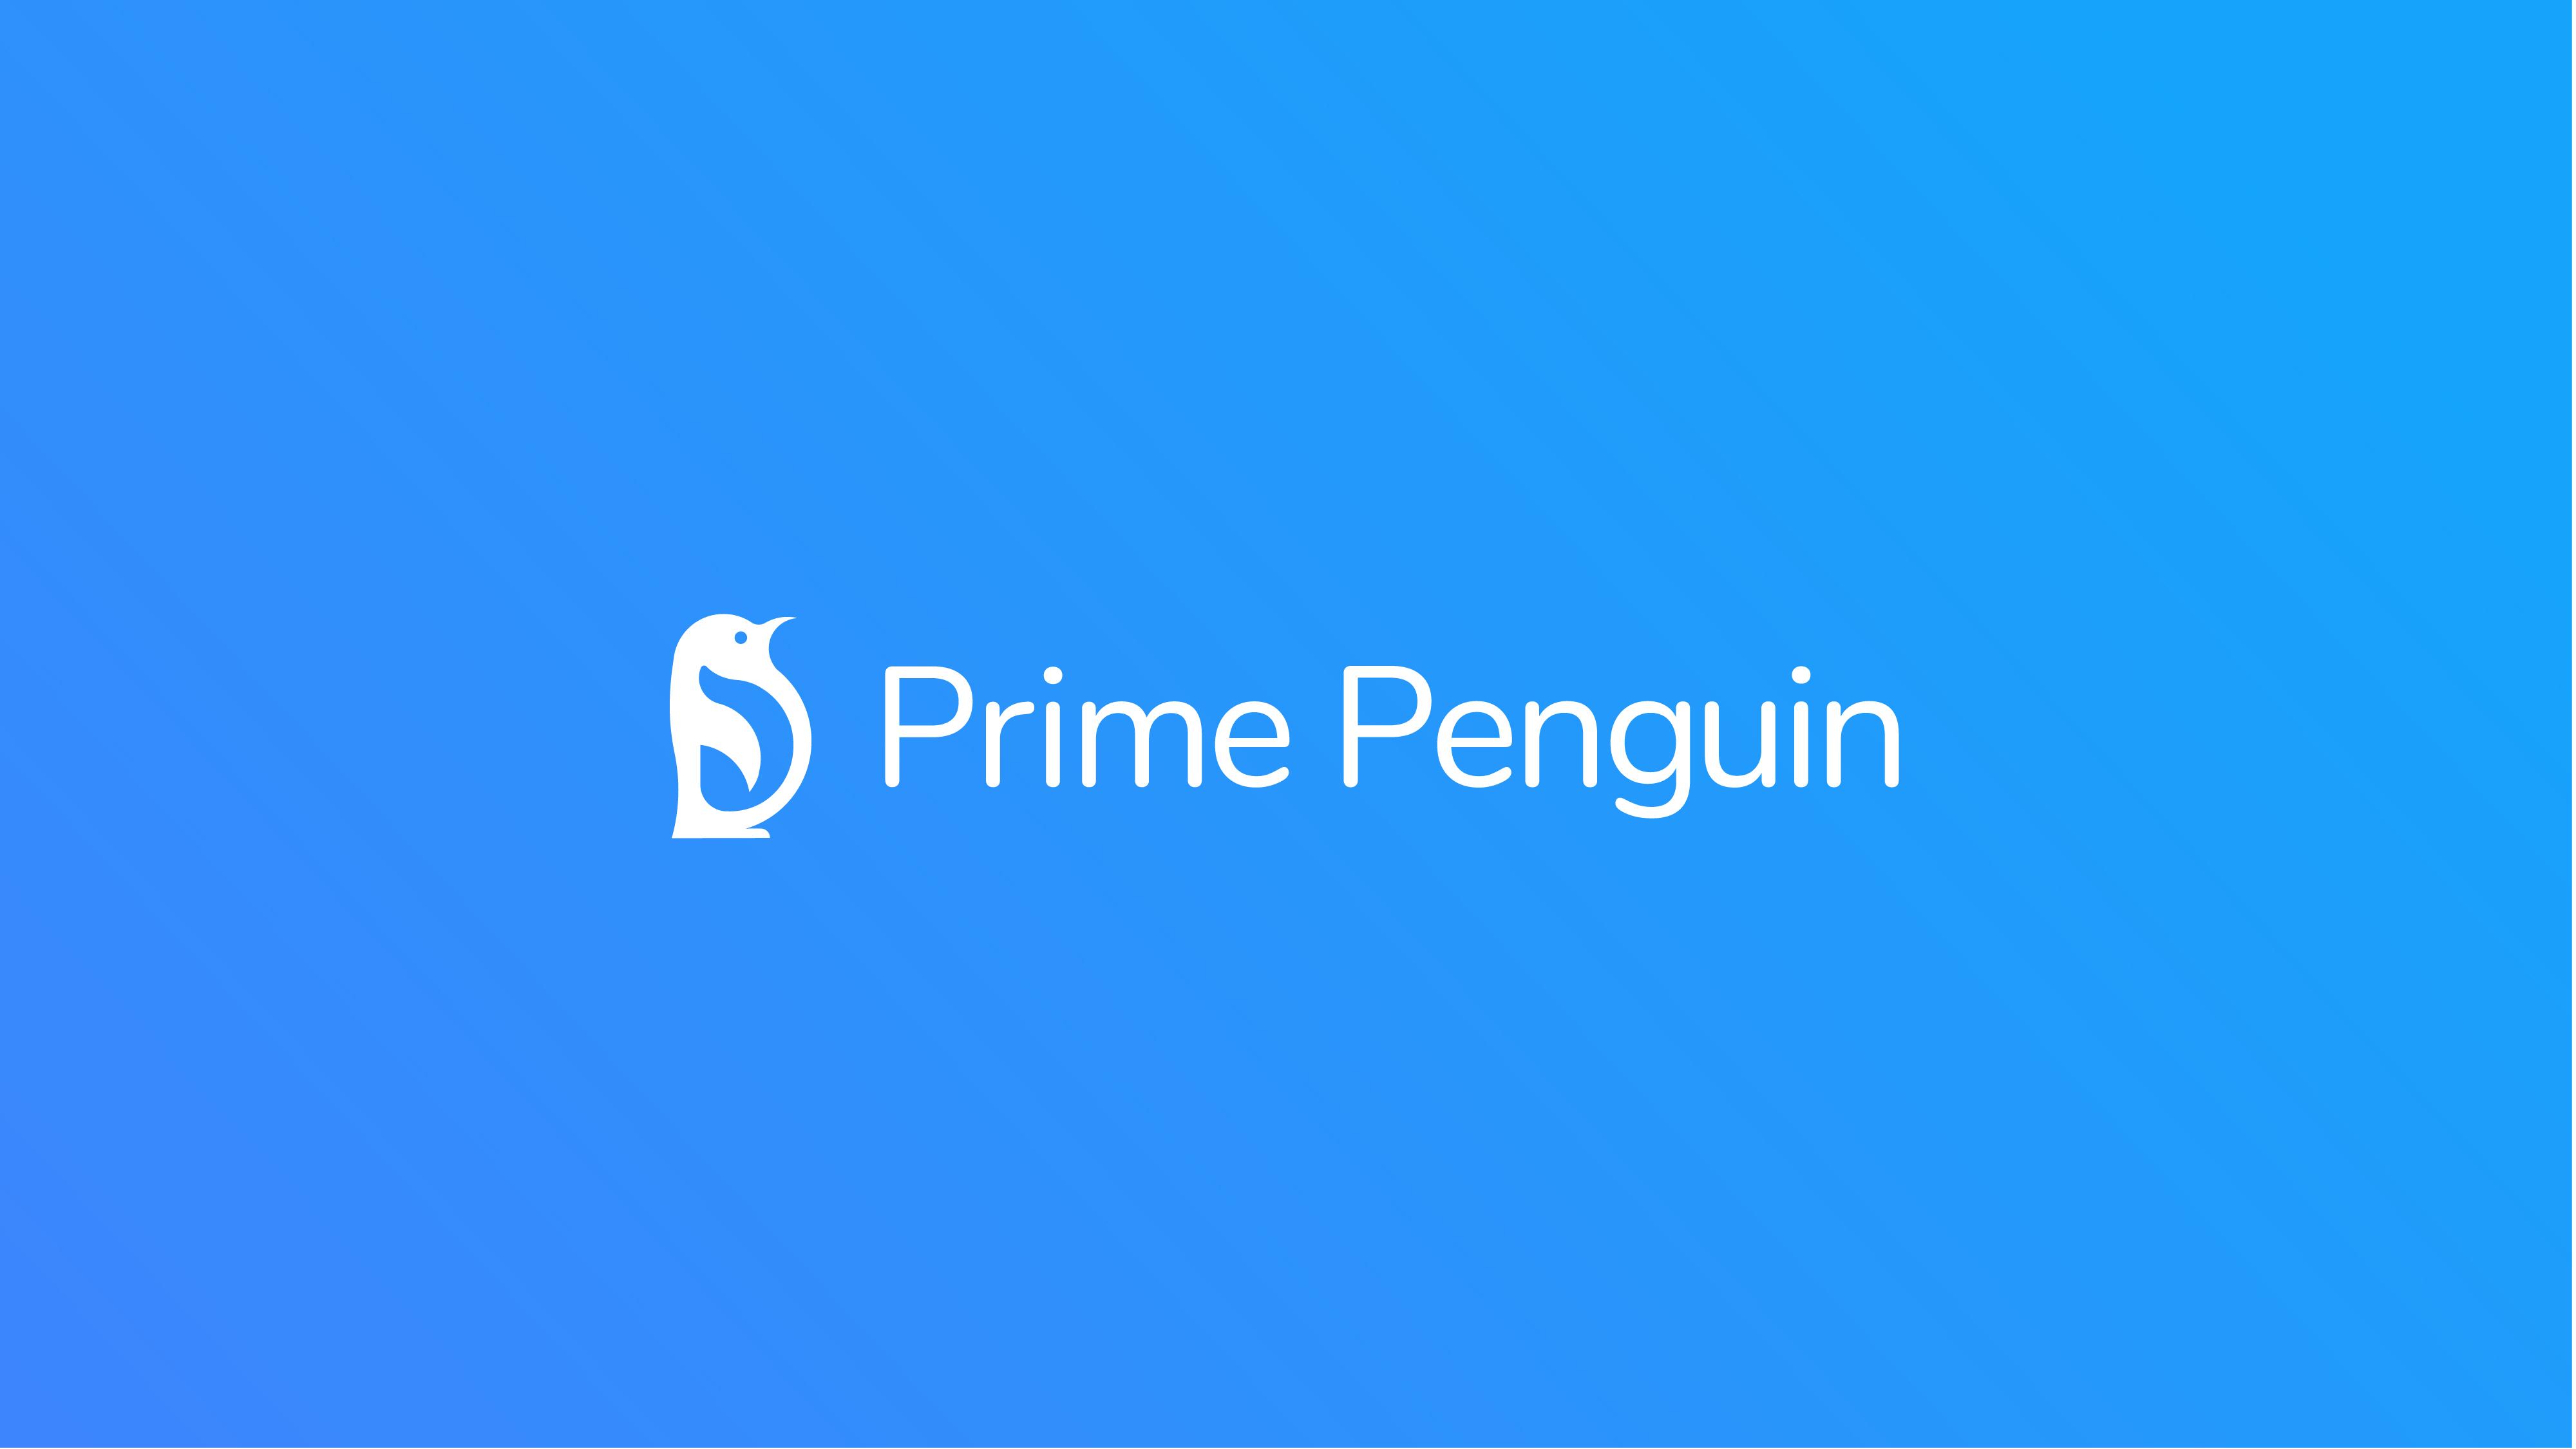 Prime Penguin – Logotype on BG